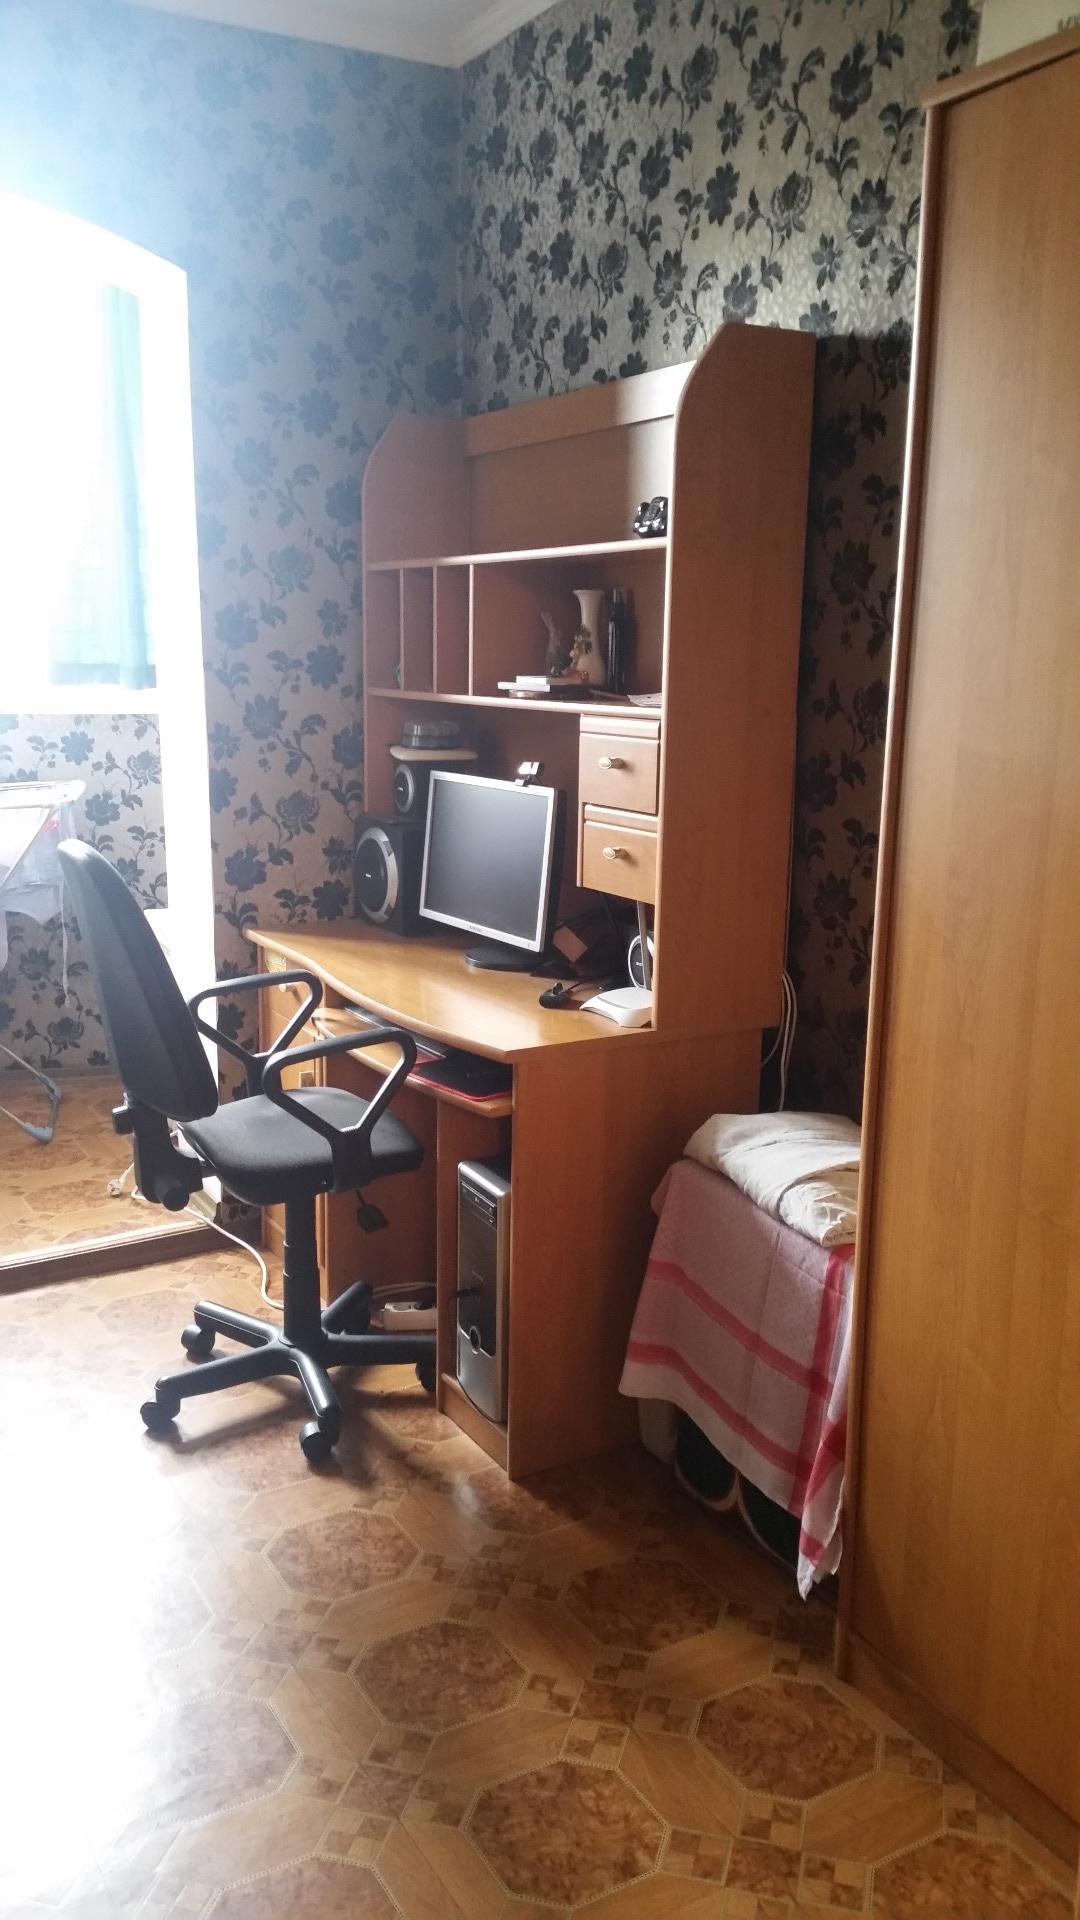 Продается 4-комнатная Квартира на ул. Королева Ак. — 65 000 у.е. (фото №14)